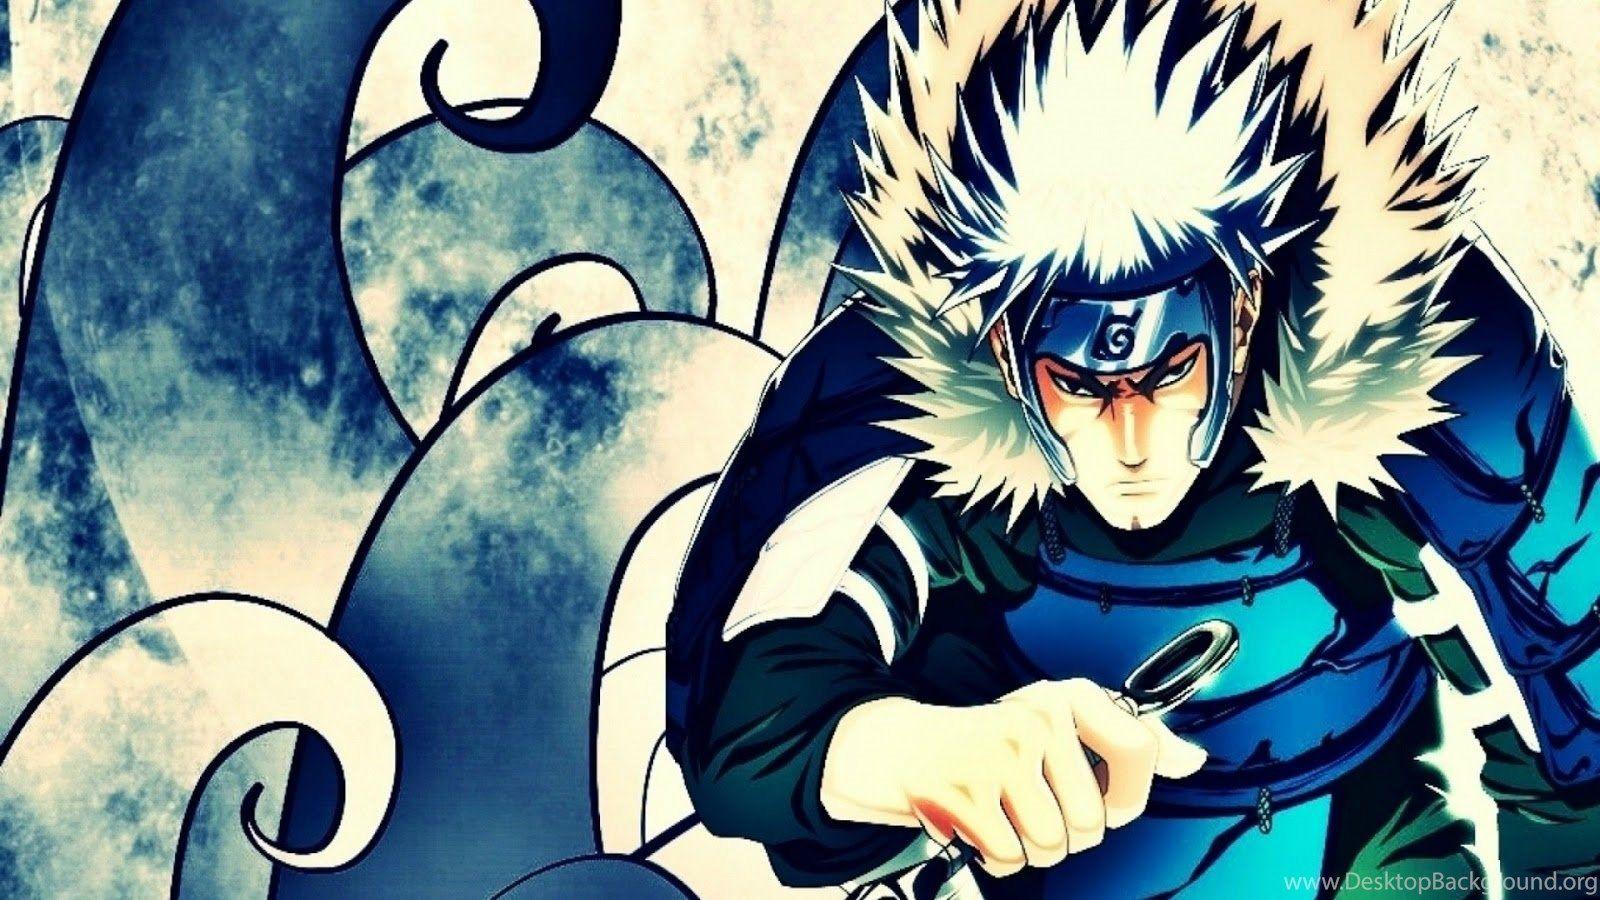 Download Gambar Wallpaper Naruto Bergerak Foto Gambar